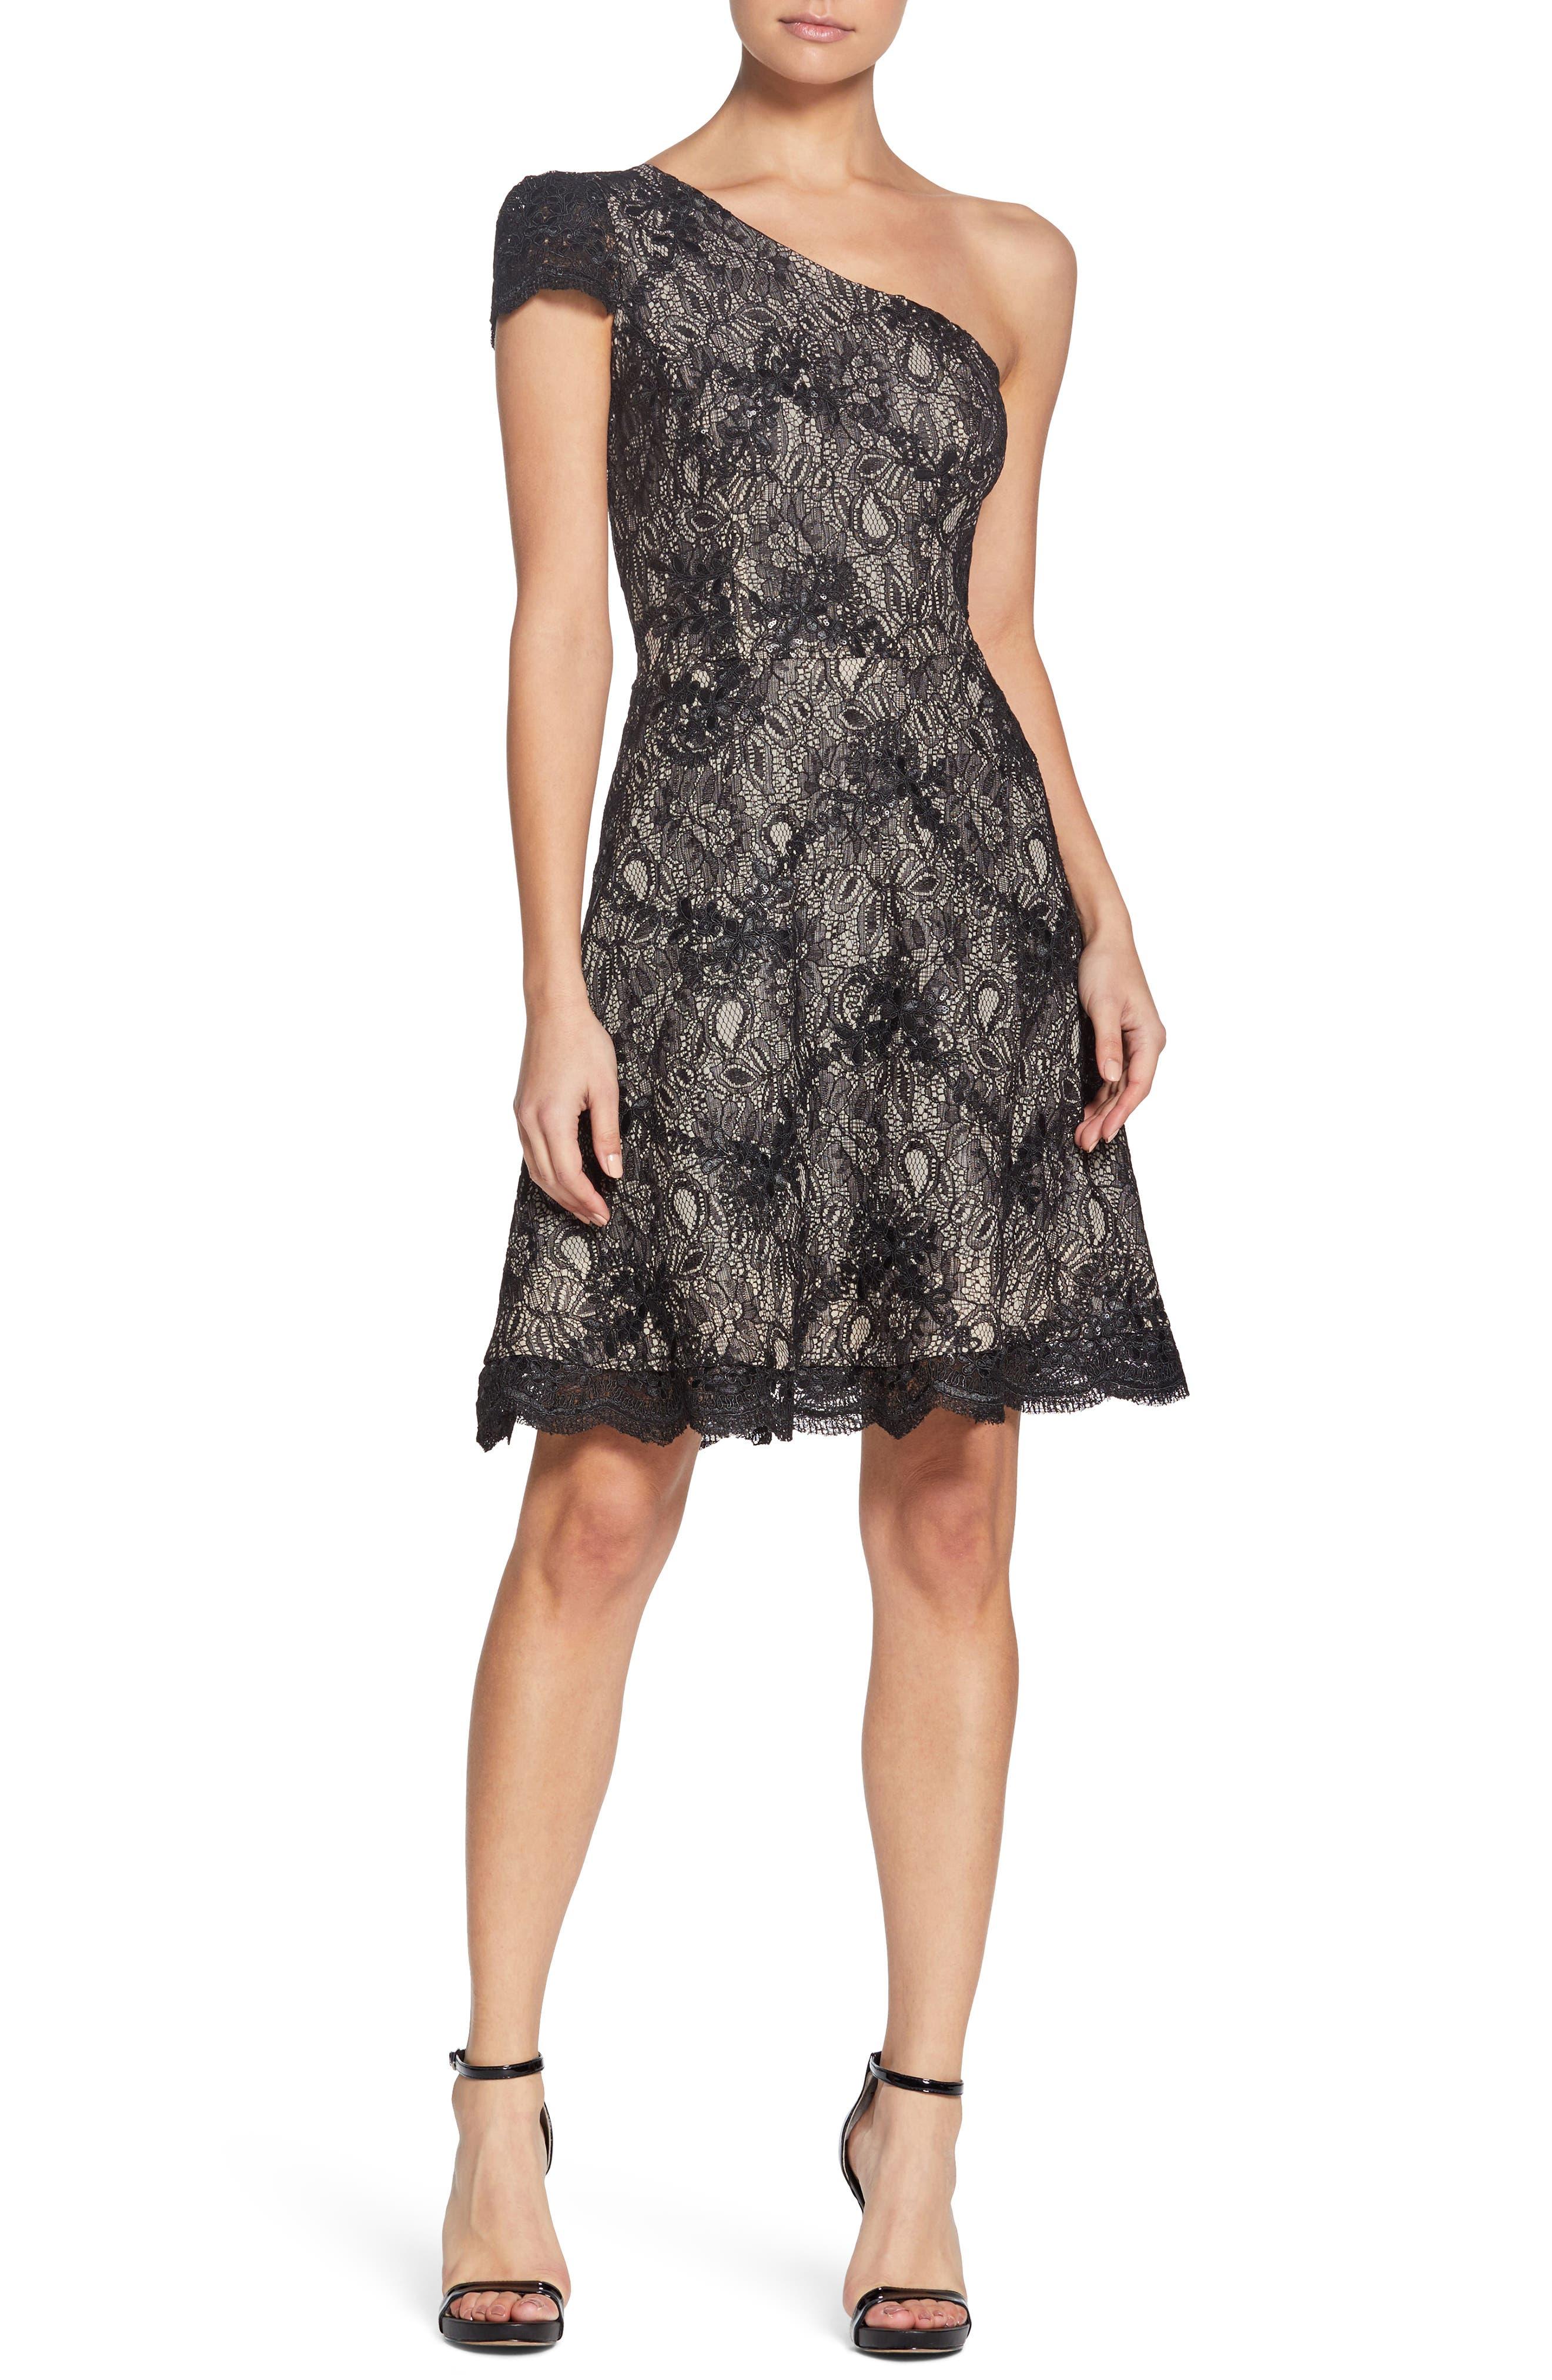 Alex One-Shoulder Cocktail Dress,                             Main thumbnail 1, color,                             BLACK/ NUDE